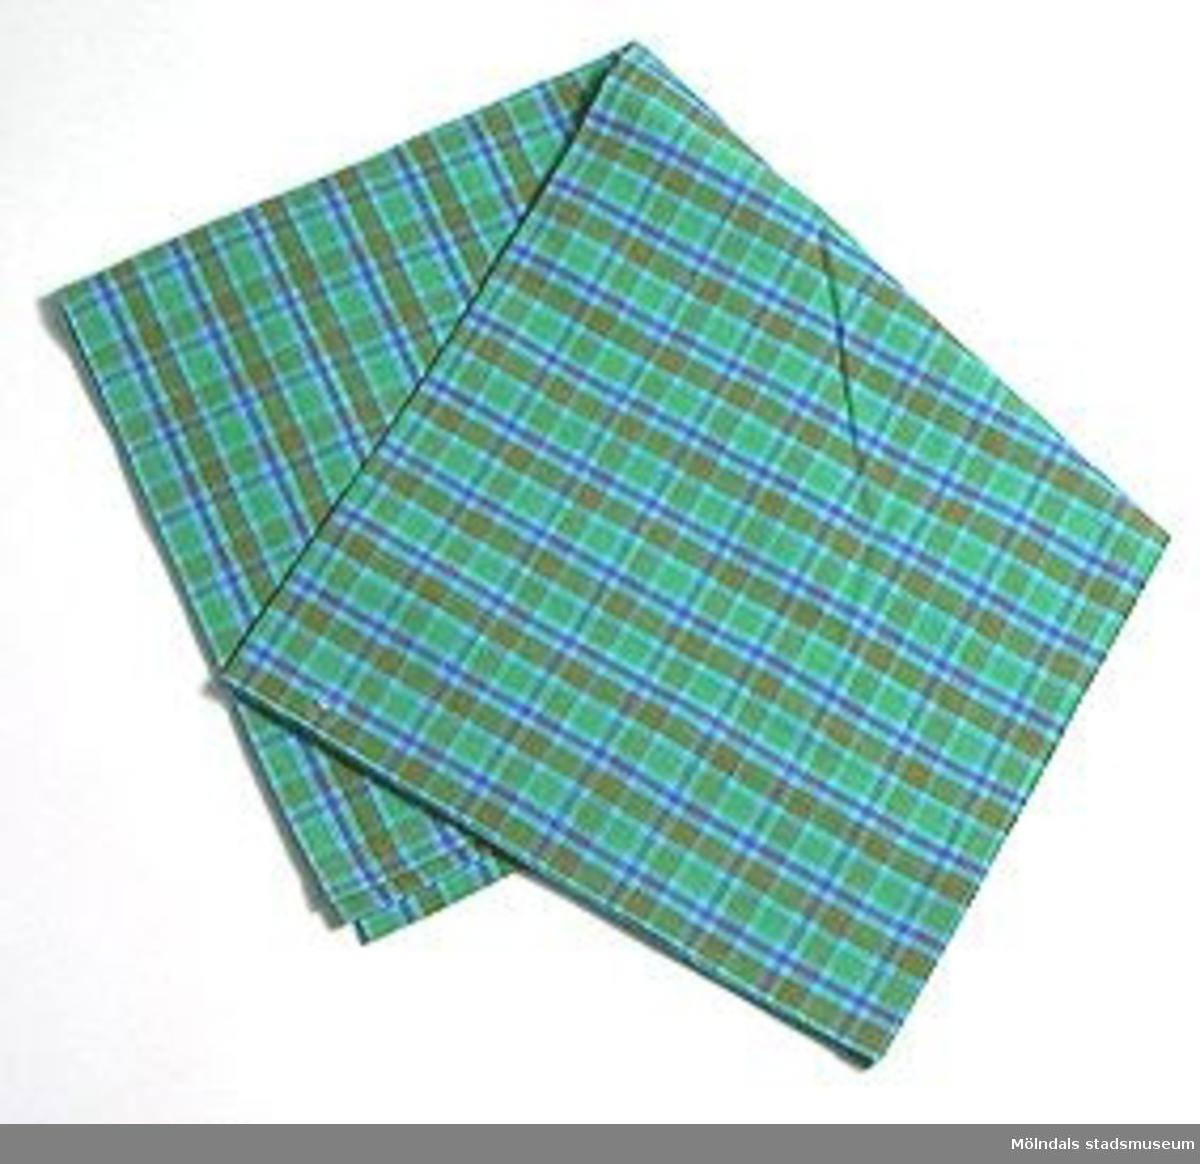 Påslakan i grönrutigt tyg med knappar. Tillhör MM02510 - 02513 (påslakan och kuddvar).